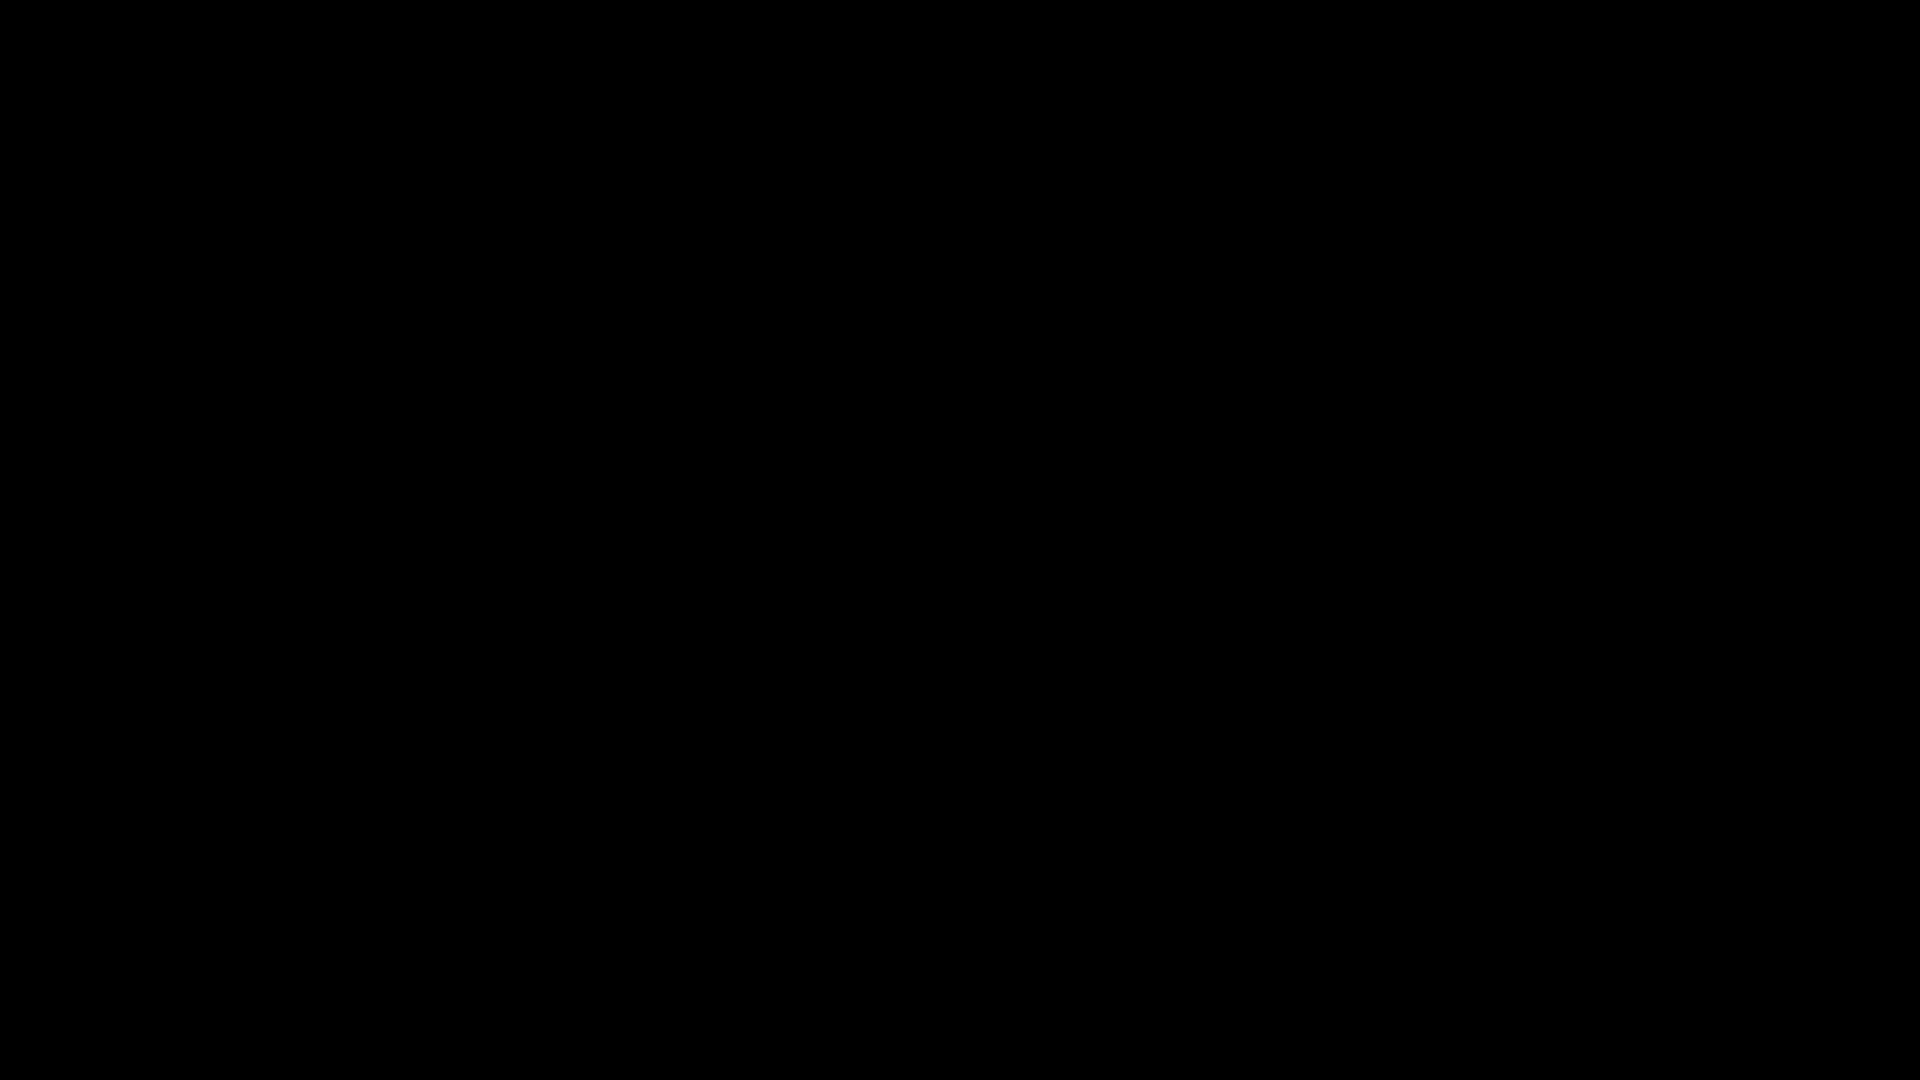 دوستان شاد درختی قسمت 88-فصل 4 قسمت 8-سال 2013 تا آخر- لینک تمام قسمت ها در توضیح زیر این ویدیو است